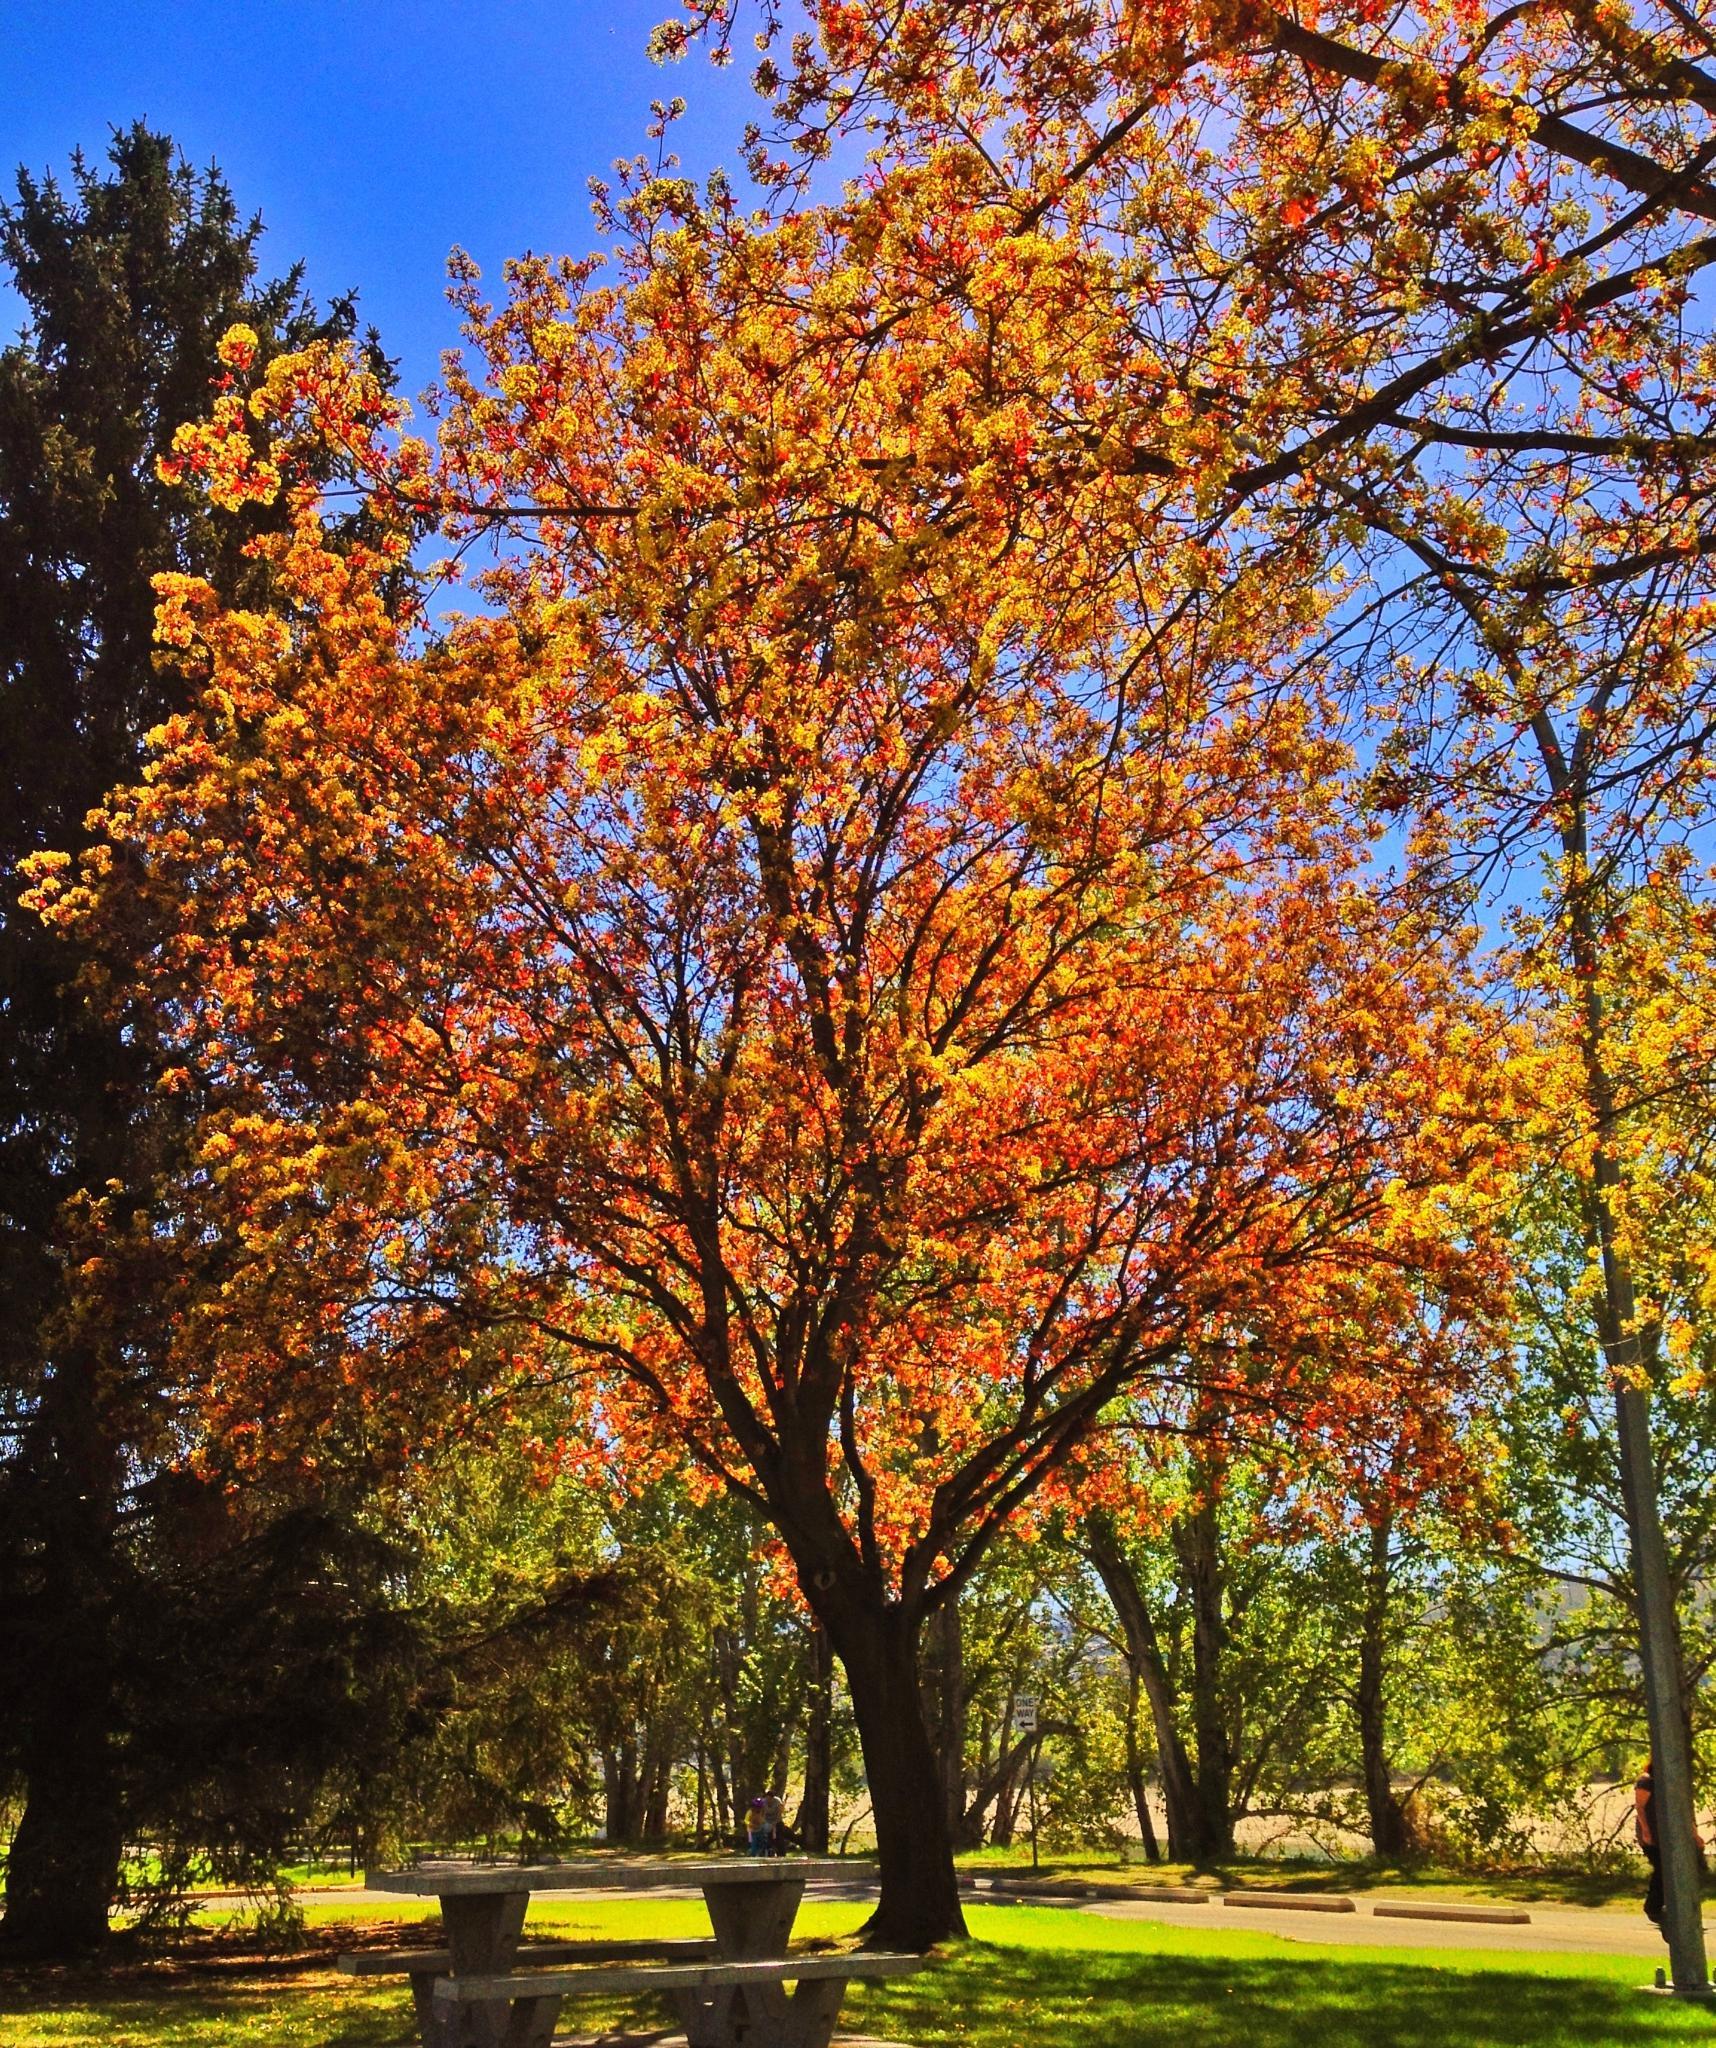 Springtime splendor by Dawn Moniuk